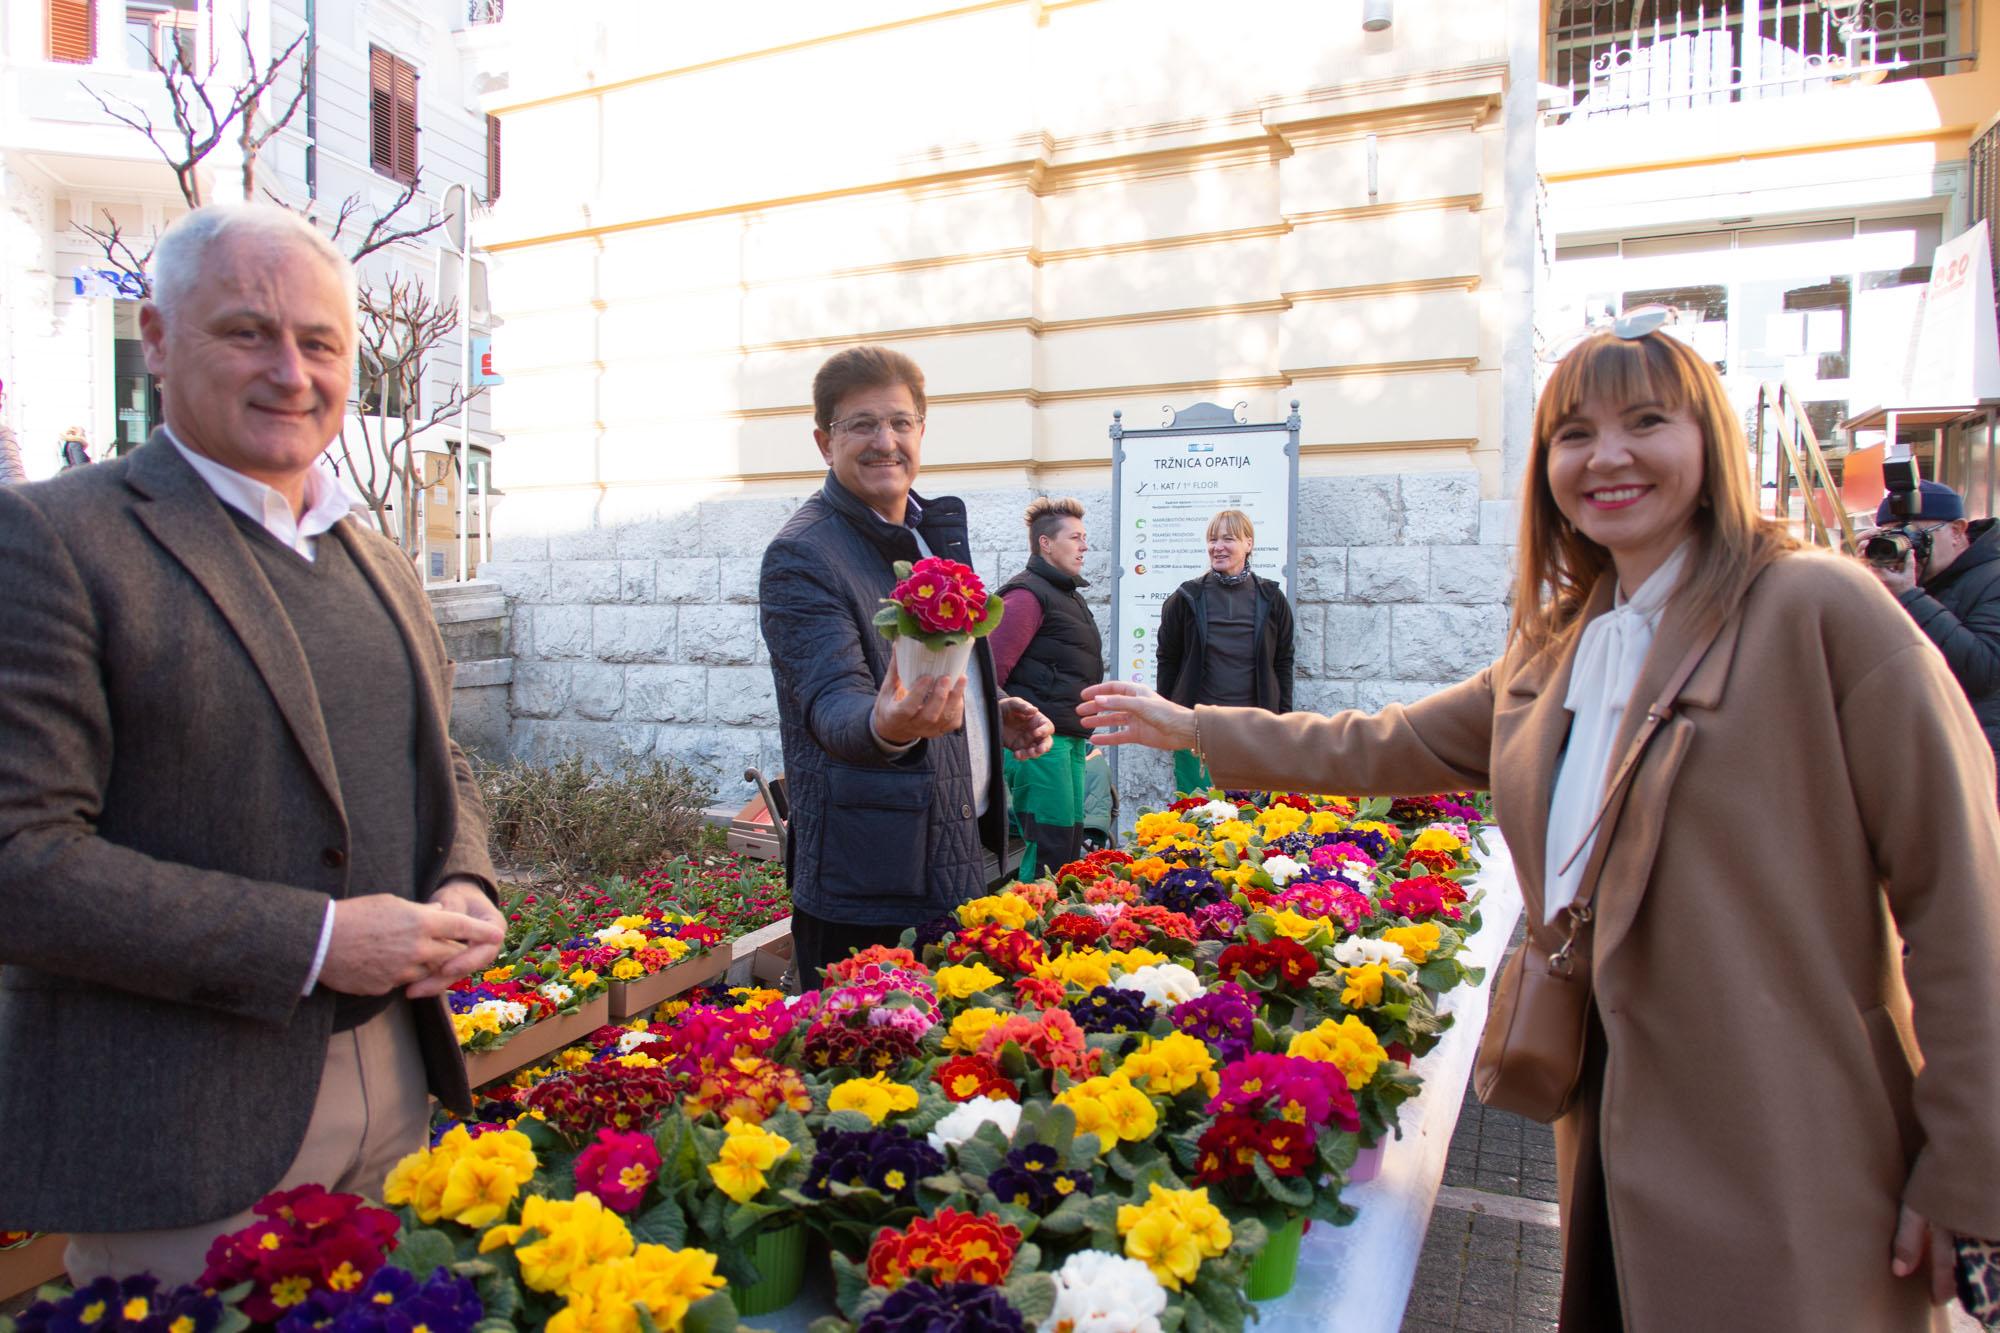 """(RI TV) U Opatiji i u Voloskom žene obasute cvijećem; Dujmić: """"Lijepa tradicija se nastavlja!"""""""